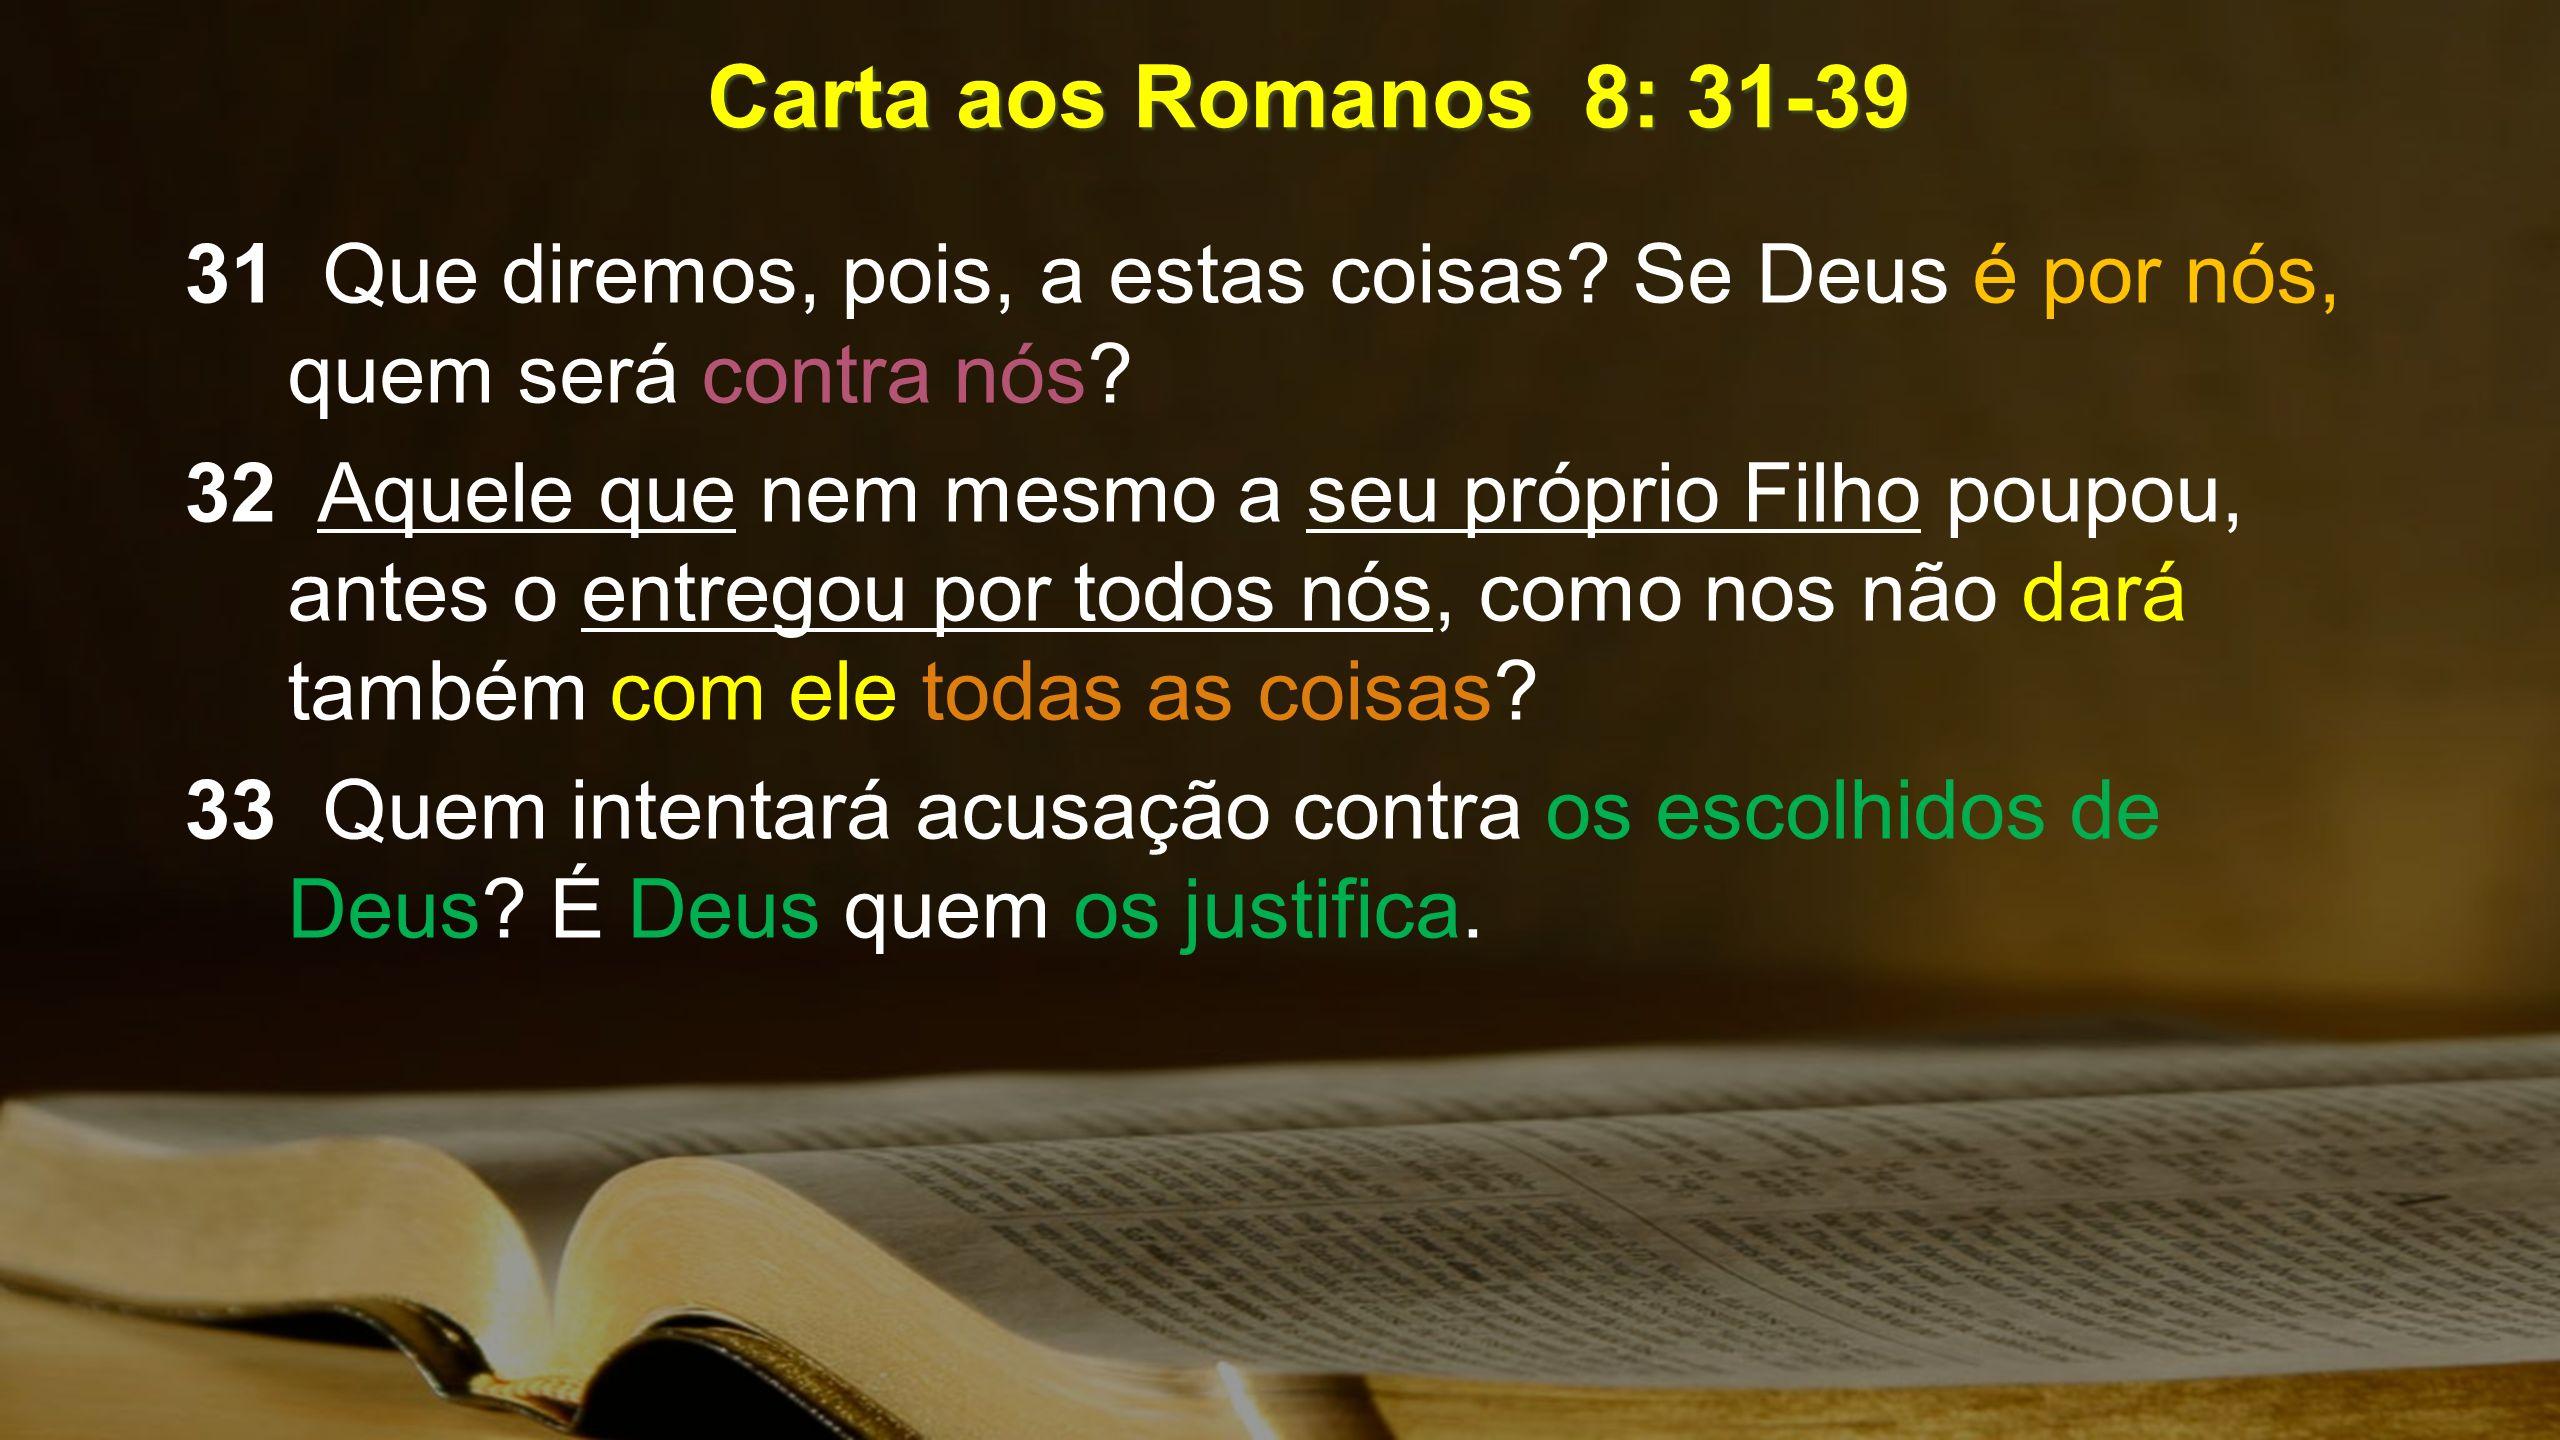 Carta aos Romanos 8: 31-39 31 Que diremos, pois, a estas coisas? Se Deus é por nós, quem será contra nós? 32 Aquele que nem mesmo a seu próprio Filho